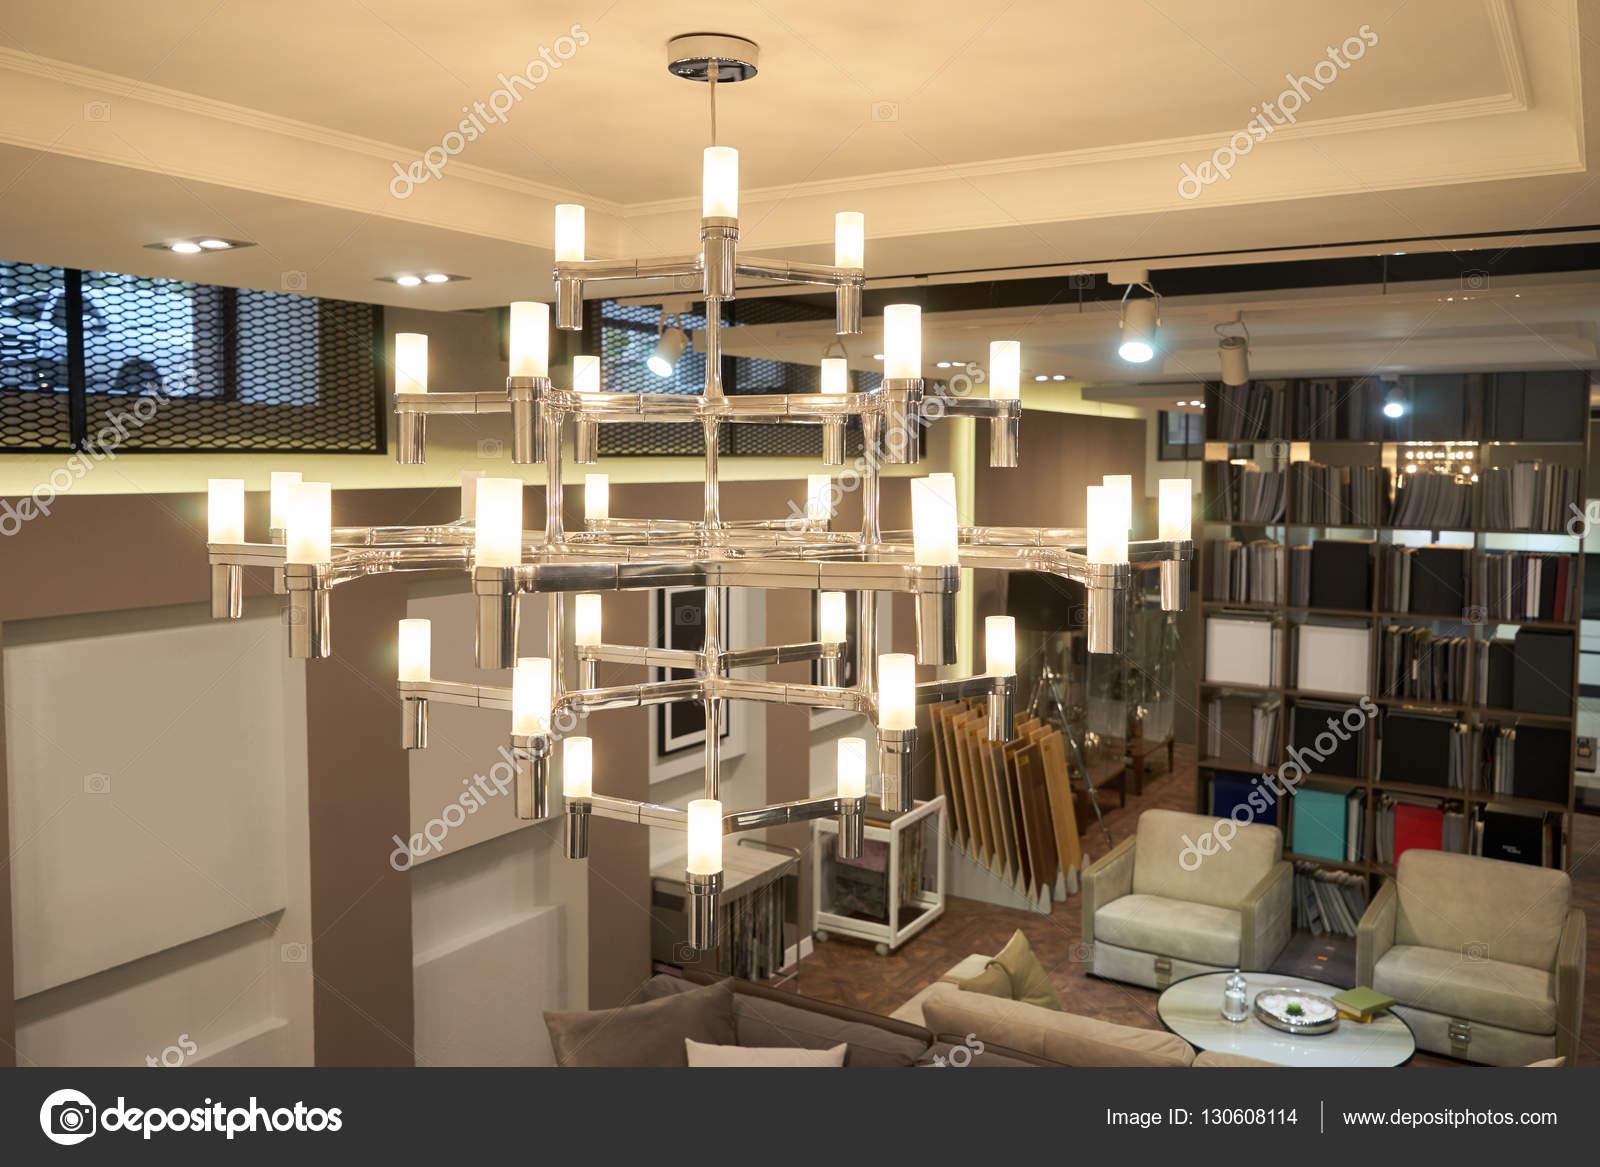 Lampadario luci soggiorno — Foto Stock © Himchenko #130608114